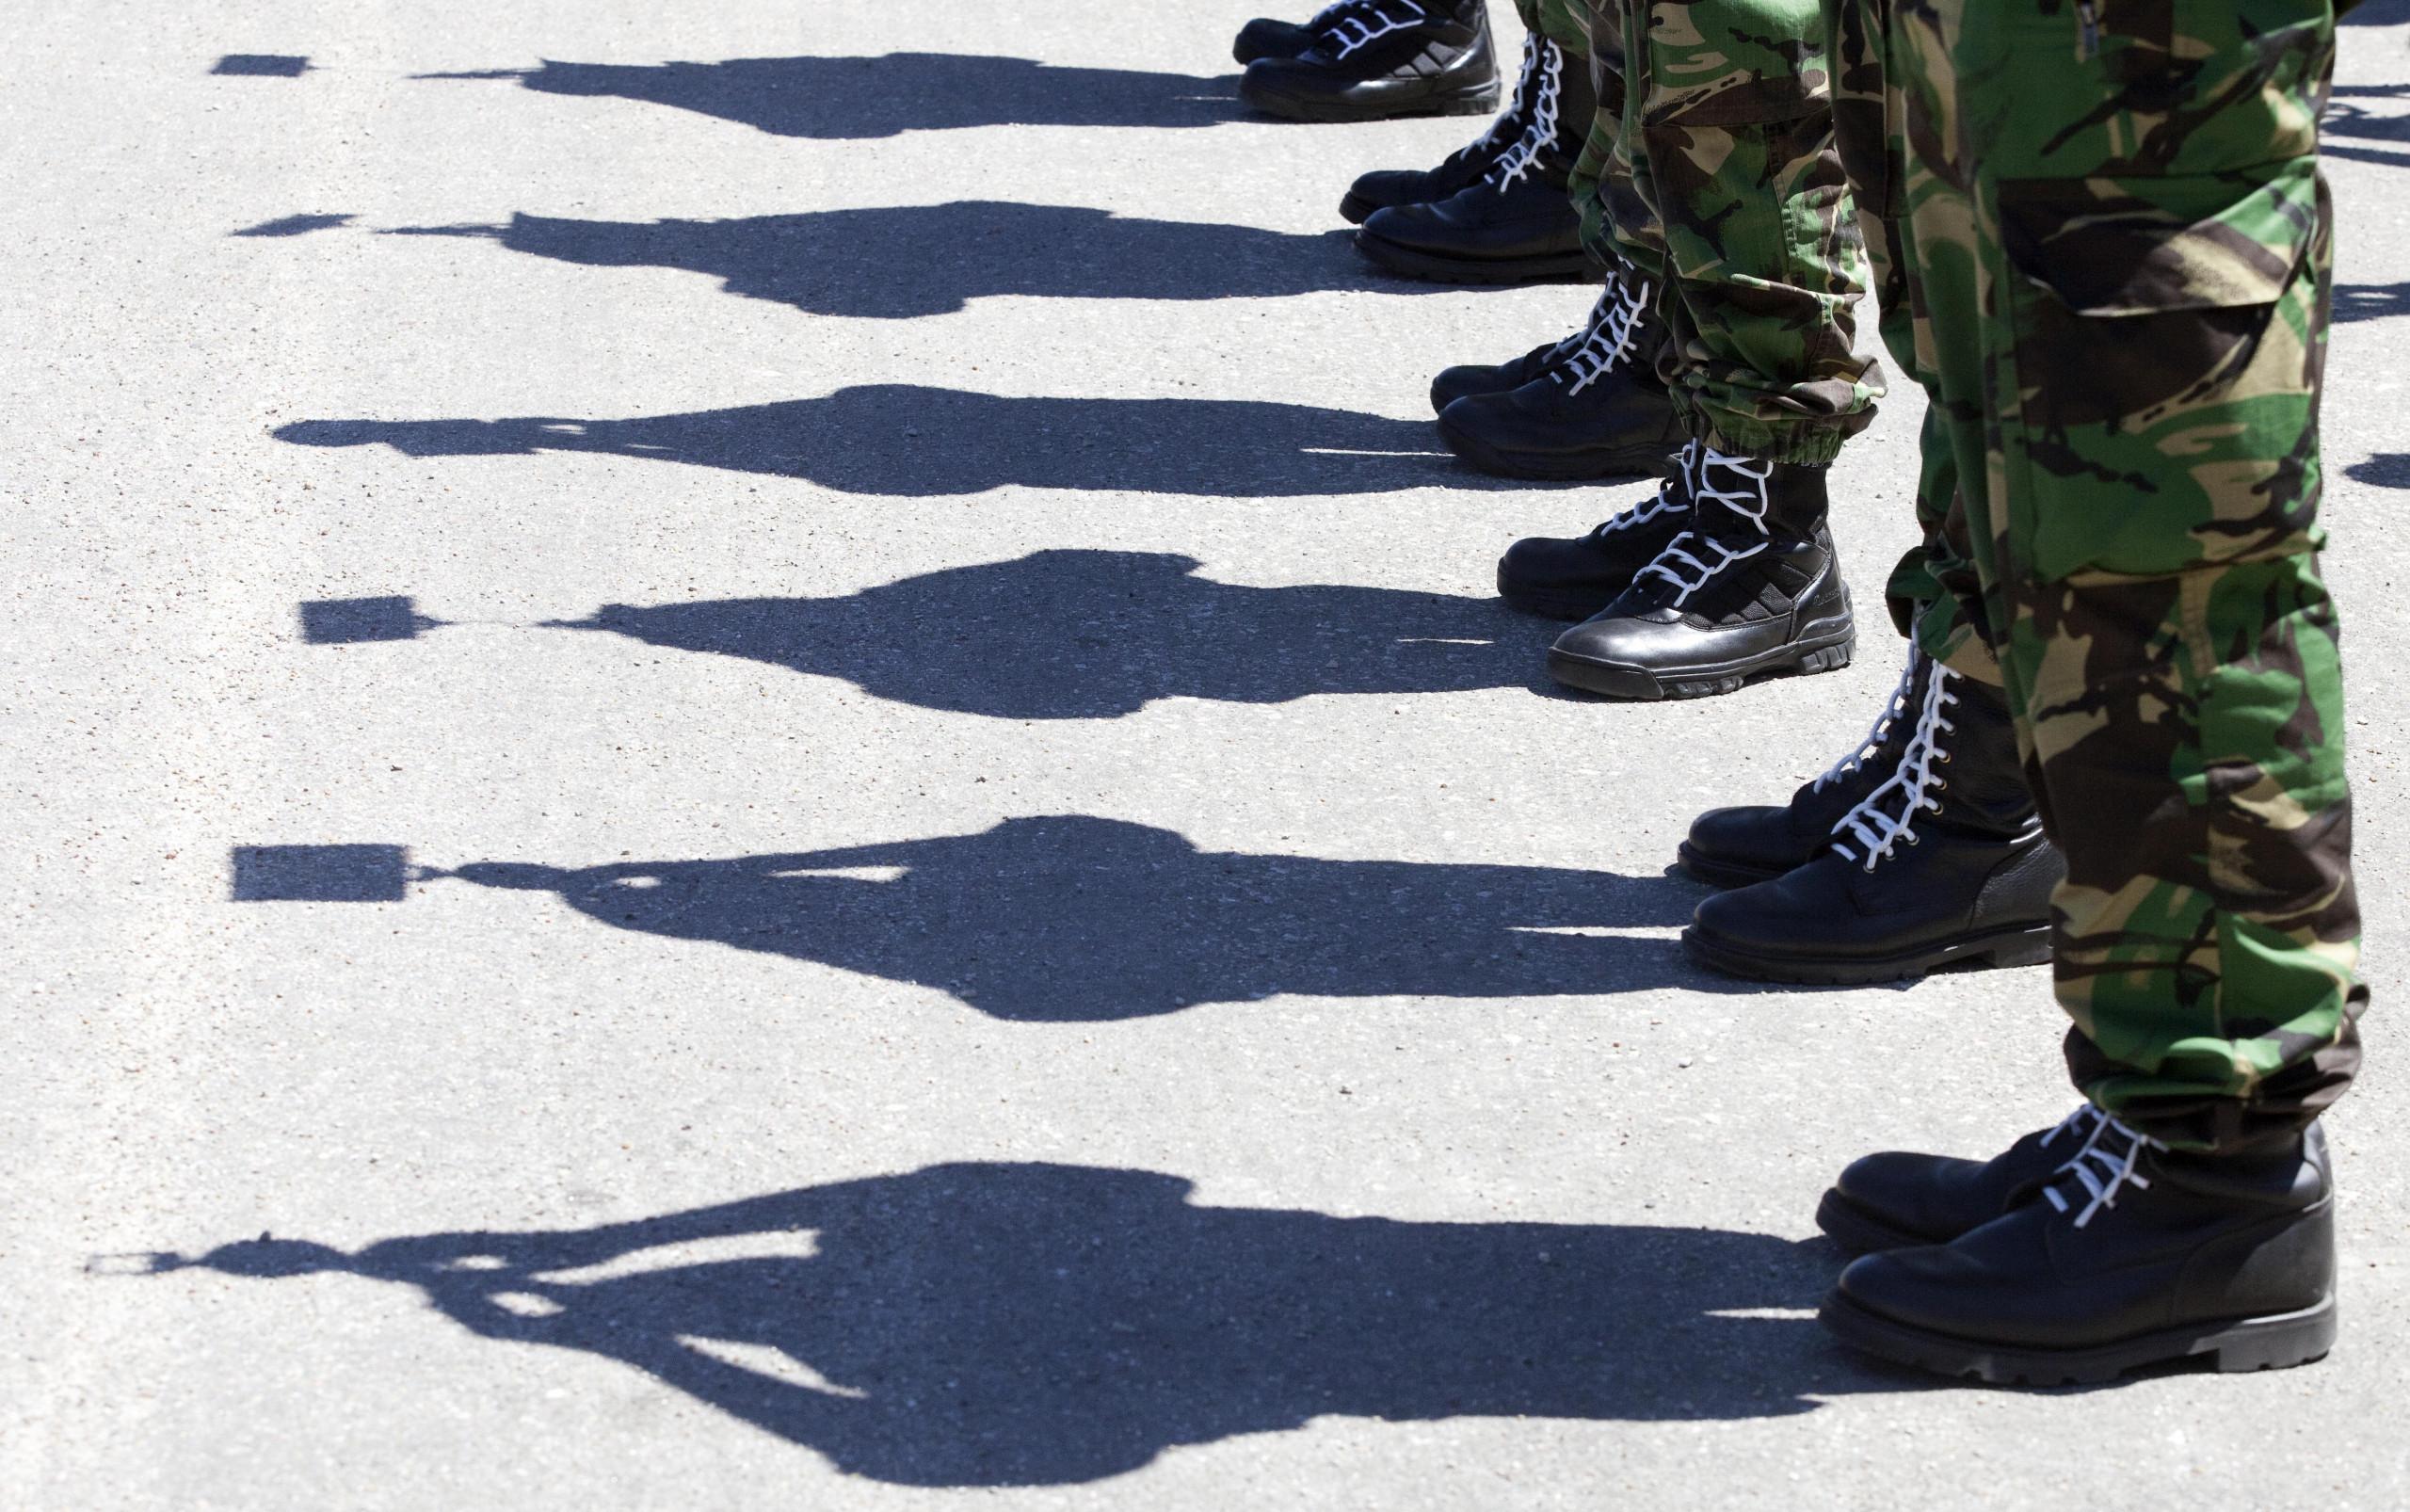 Militares portugueses são insuficientes e estão insatisfeitos